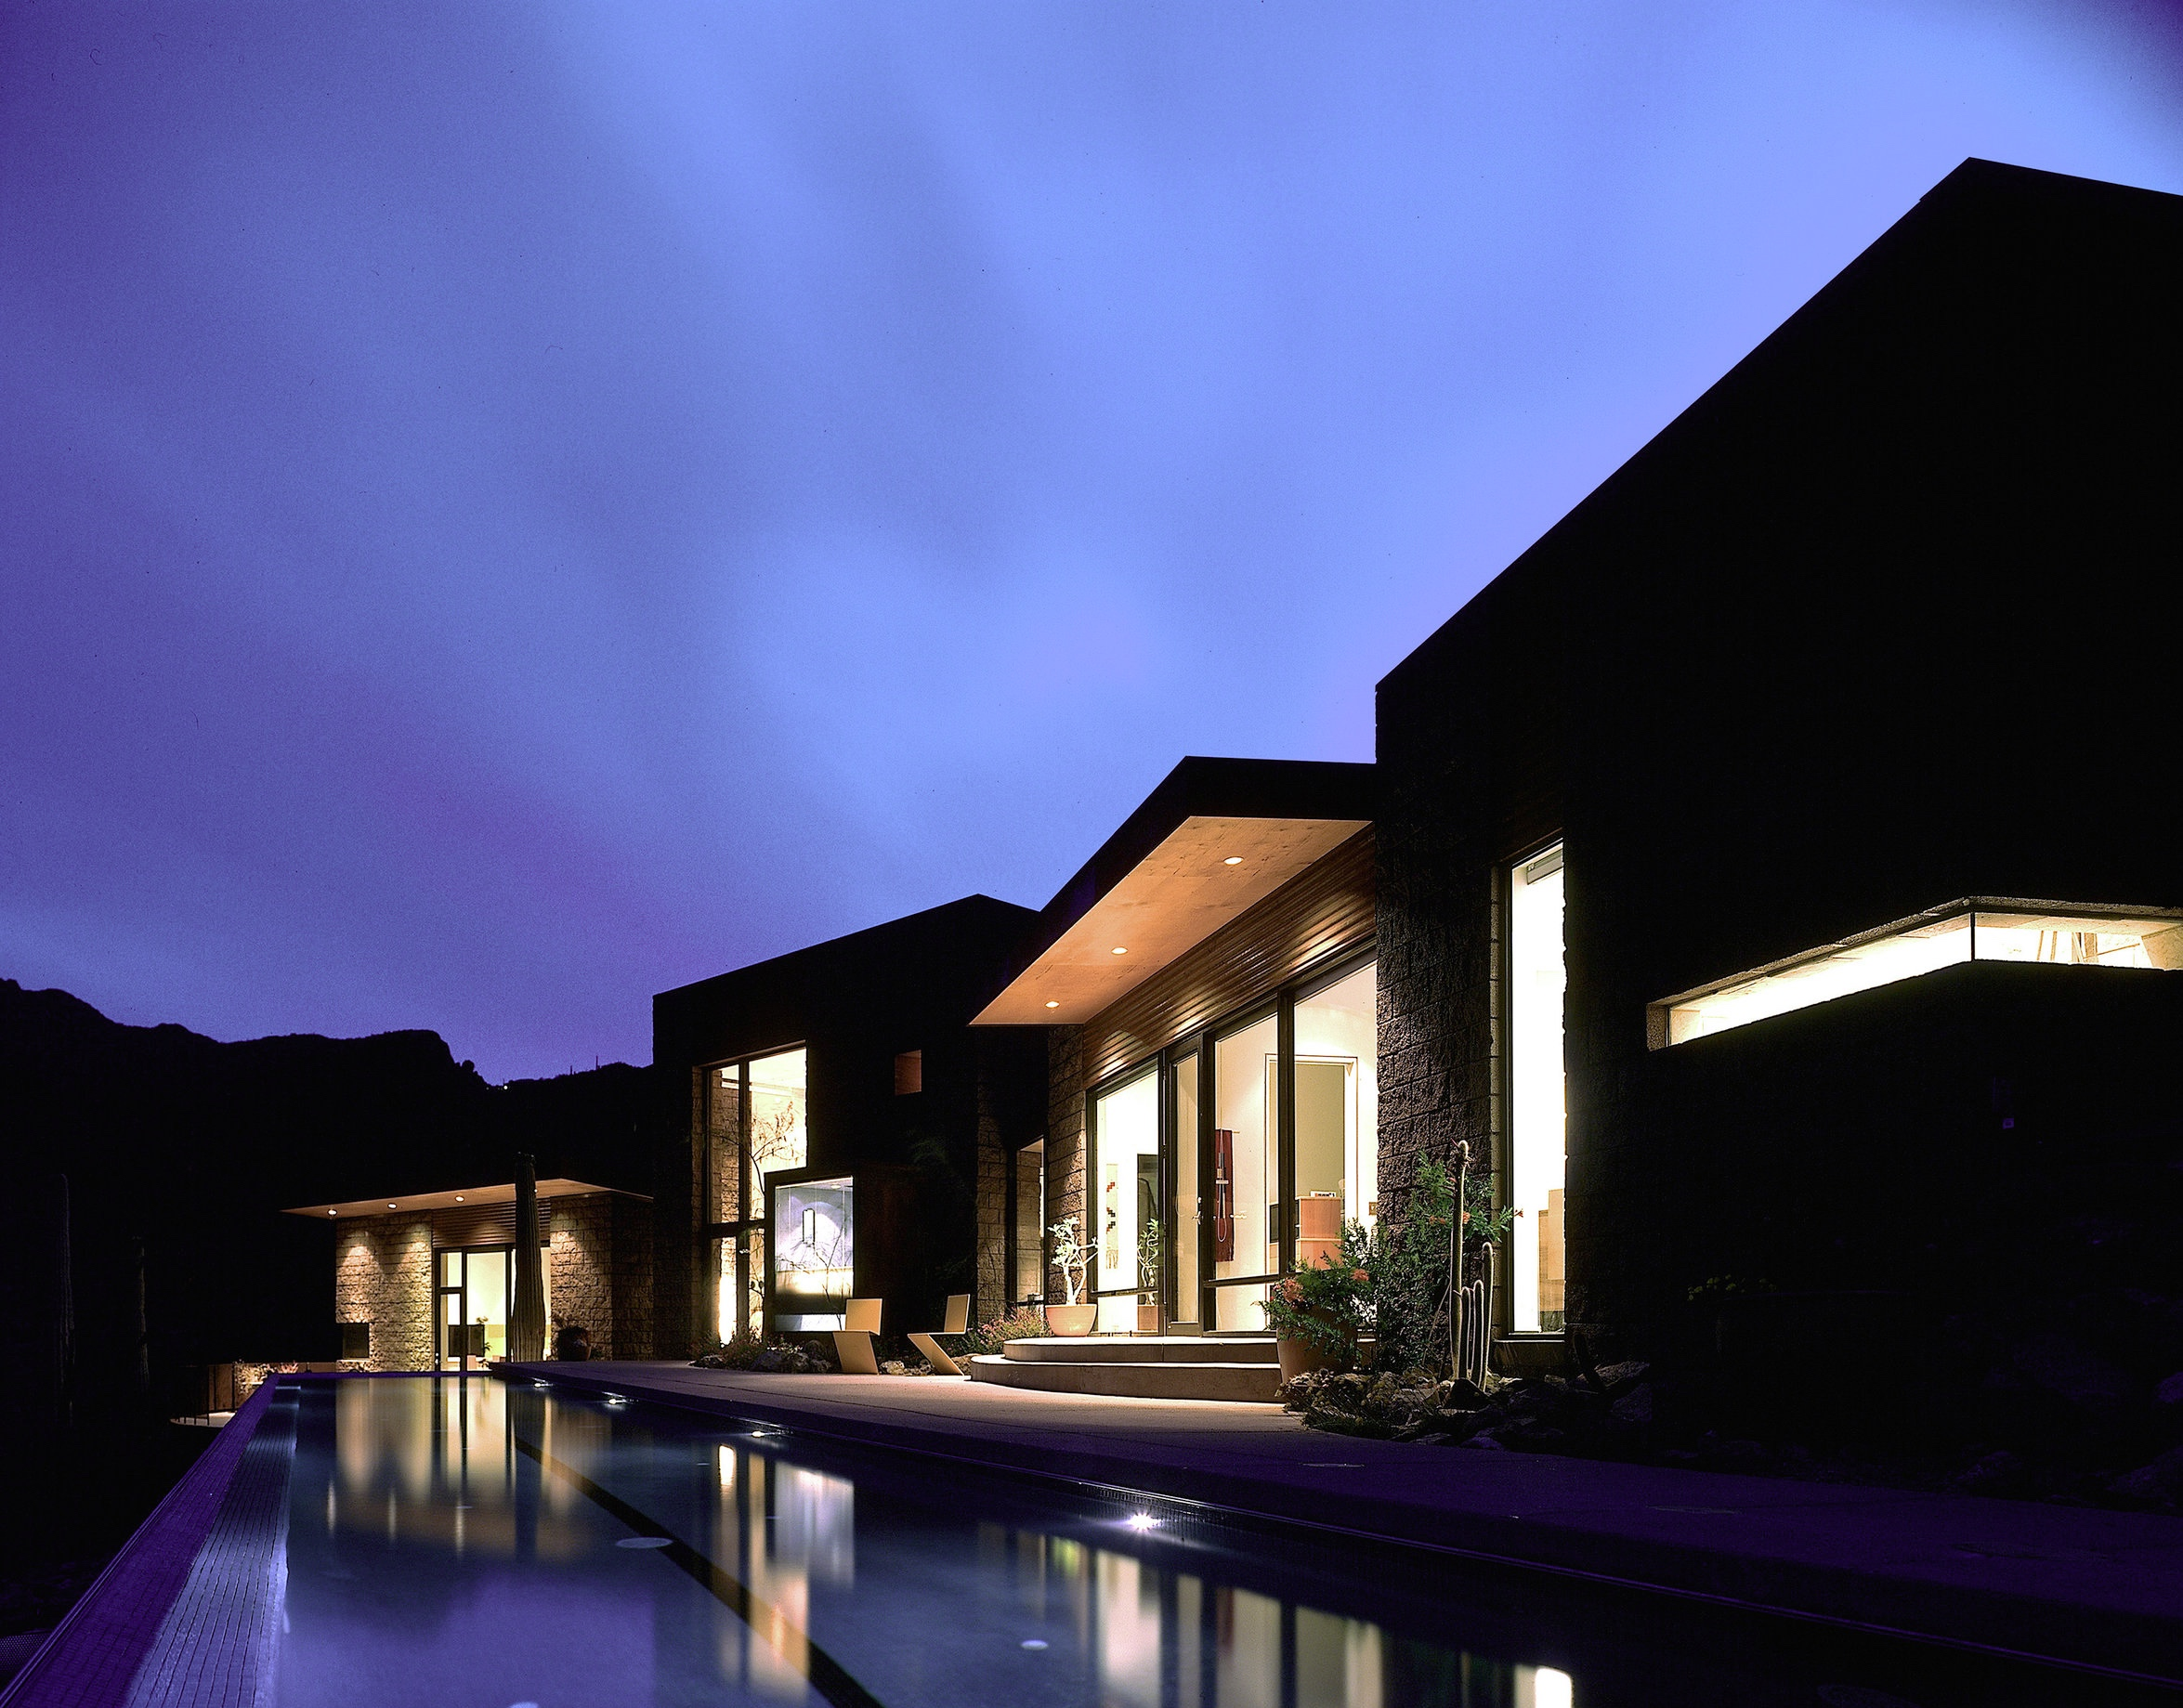 Downing Residence: Tucson, Arizona